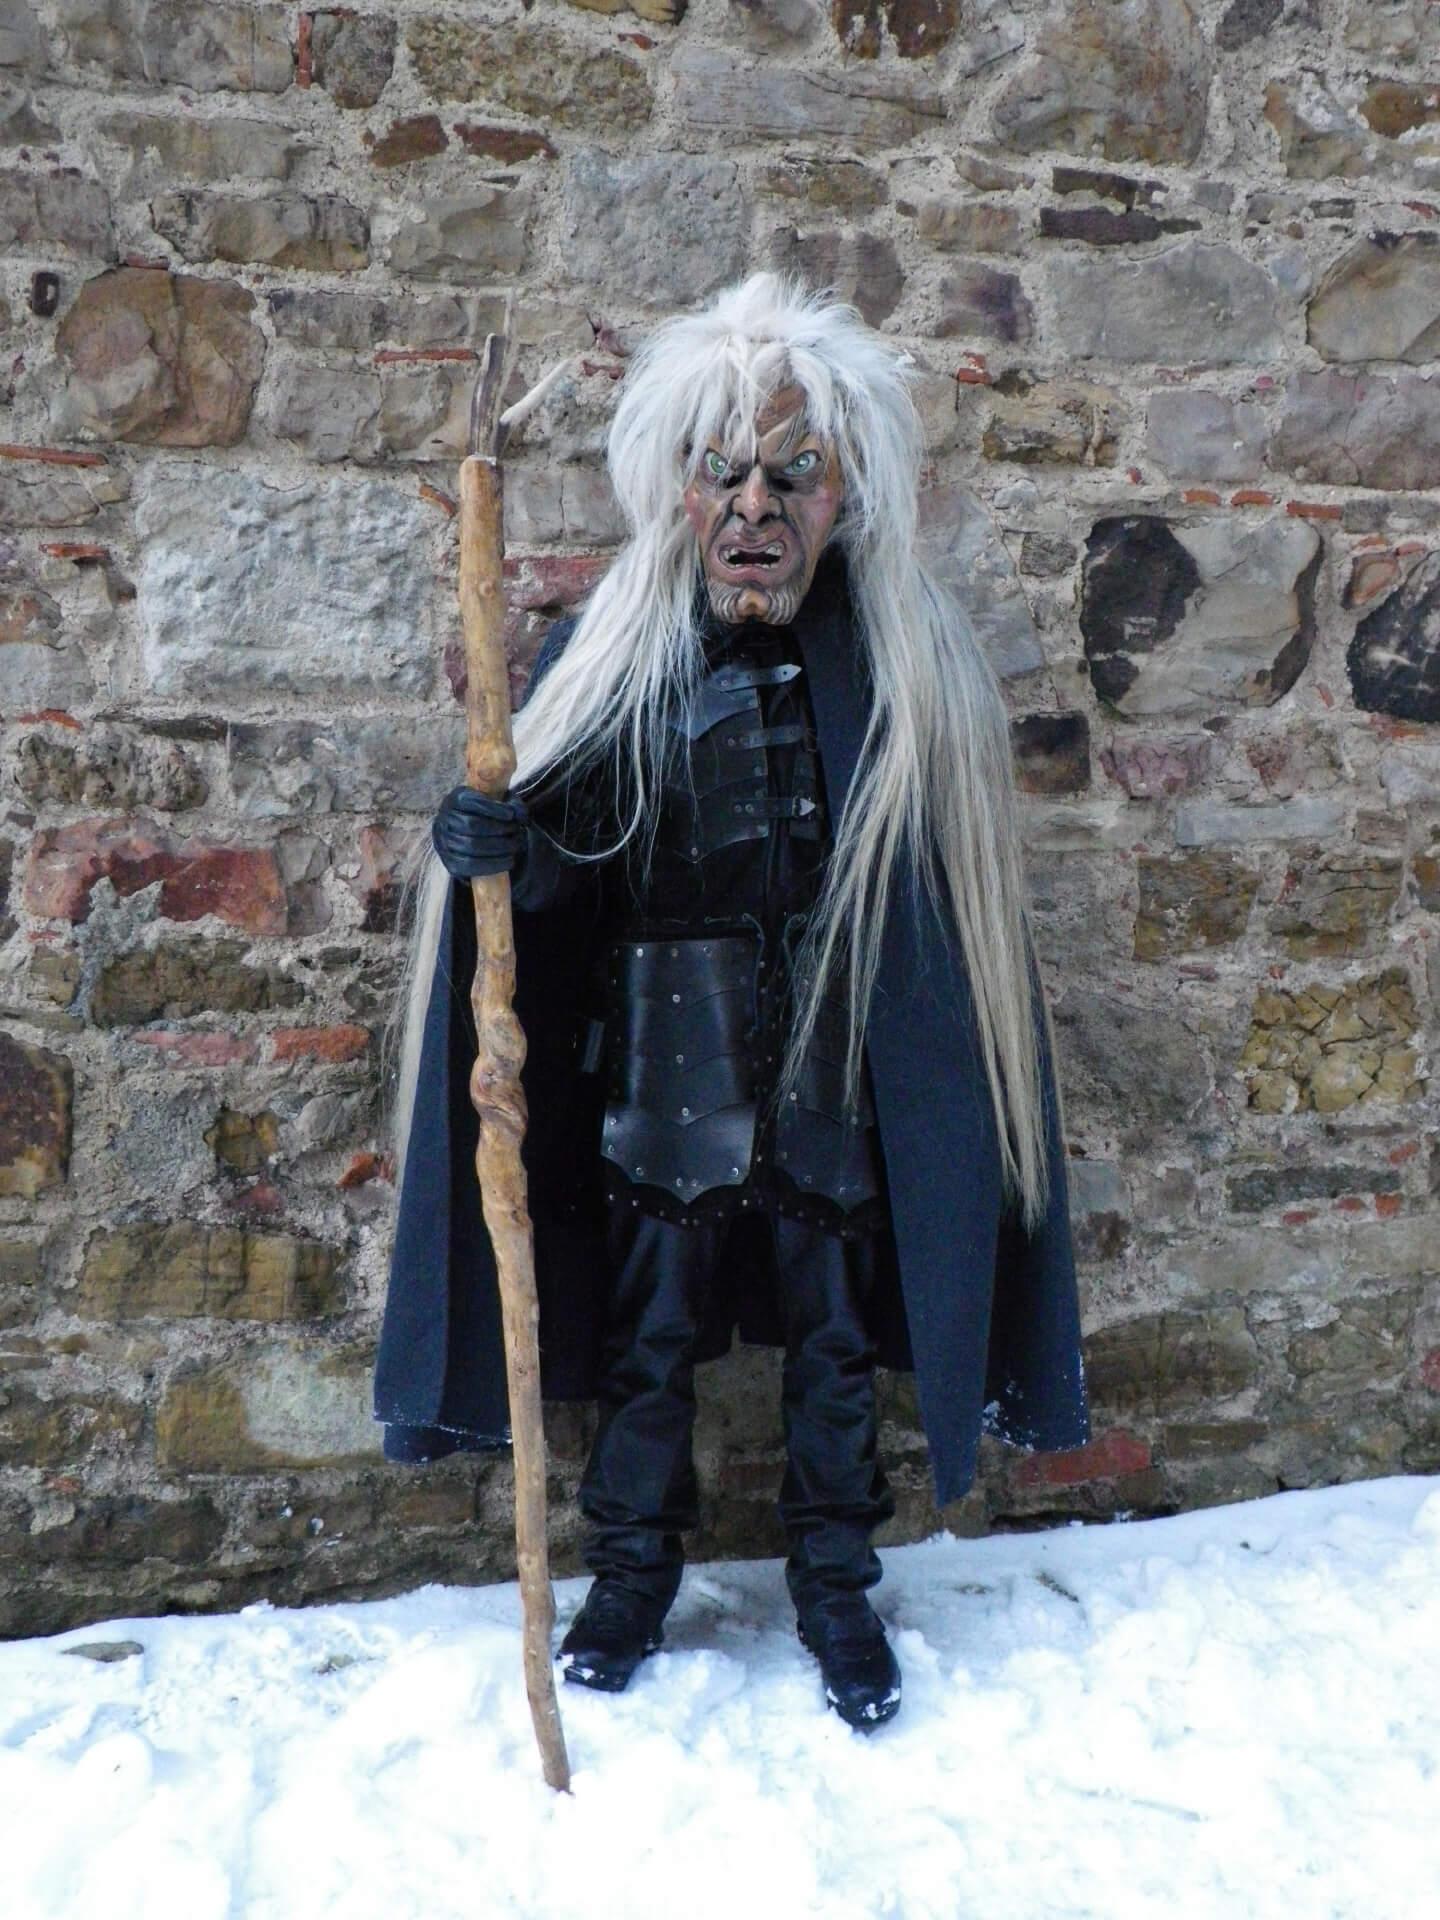 nv-bilder-masken-haes-12-2010-85